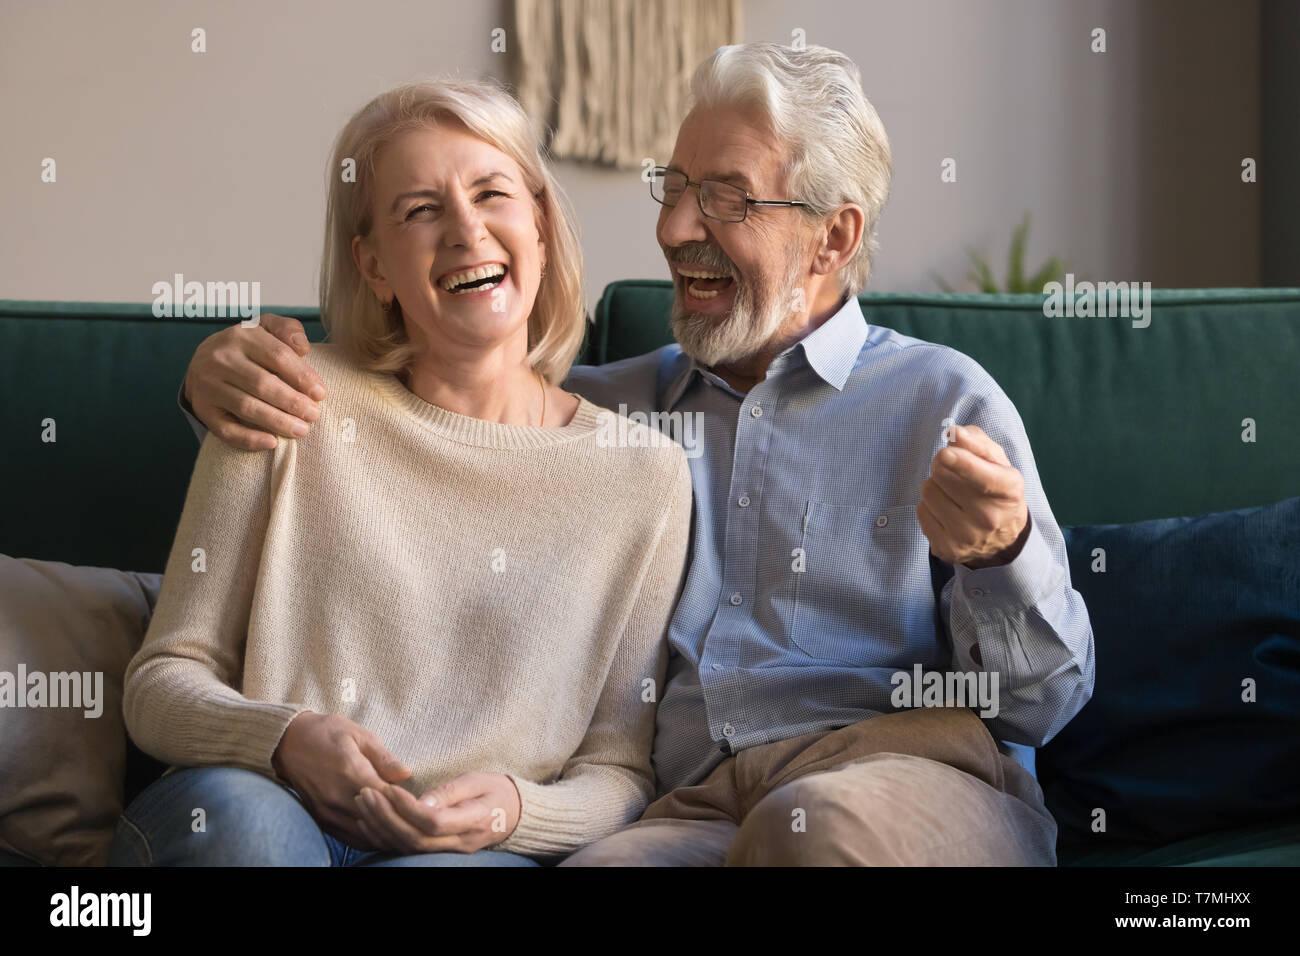 Retrato de mediana edad riendo el hombre y la mujer en el hogar Foto de stock